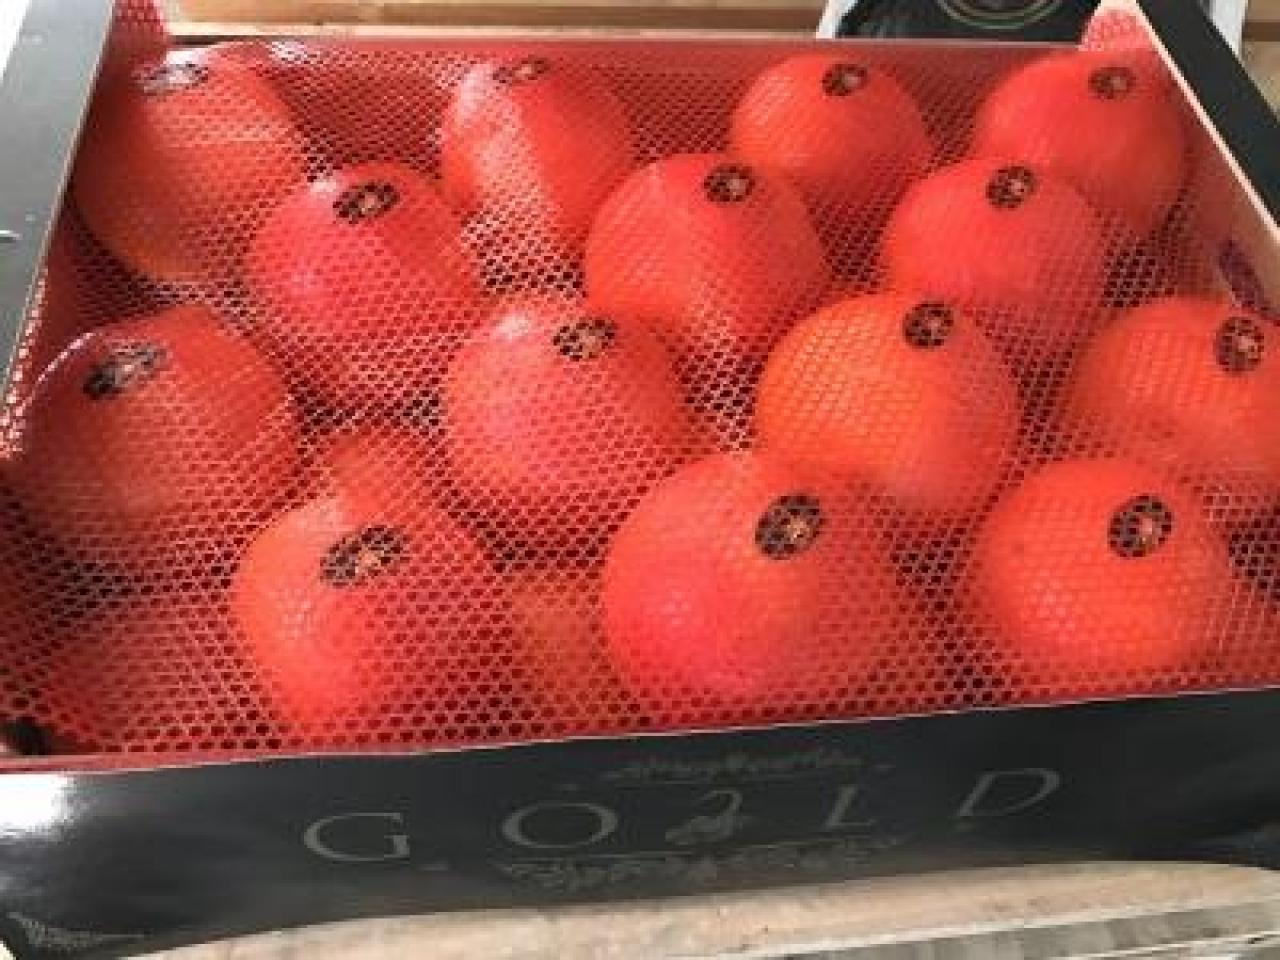 Продаем апельсины из Испании - 1